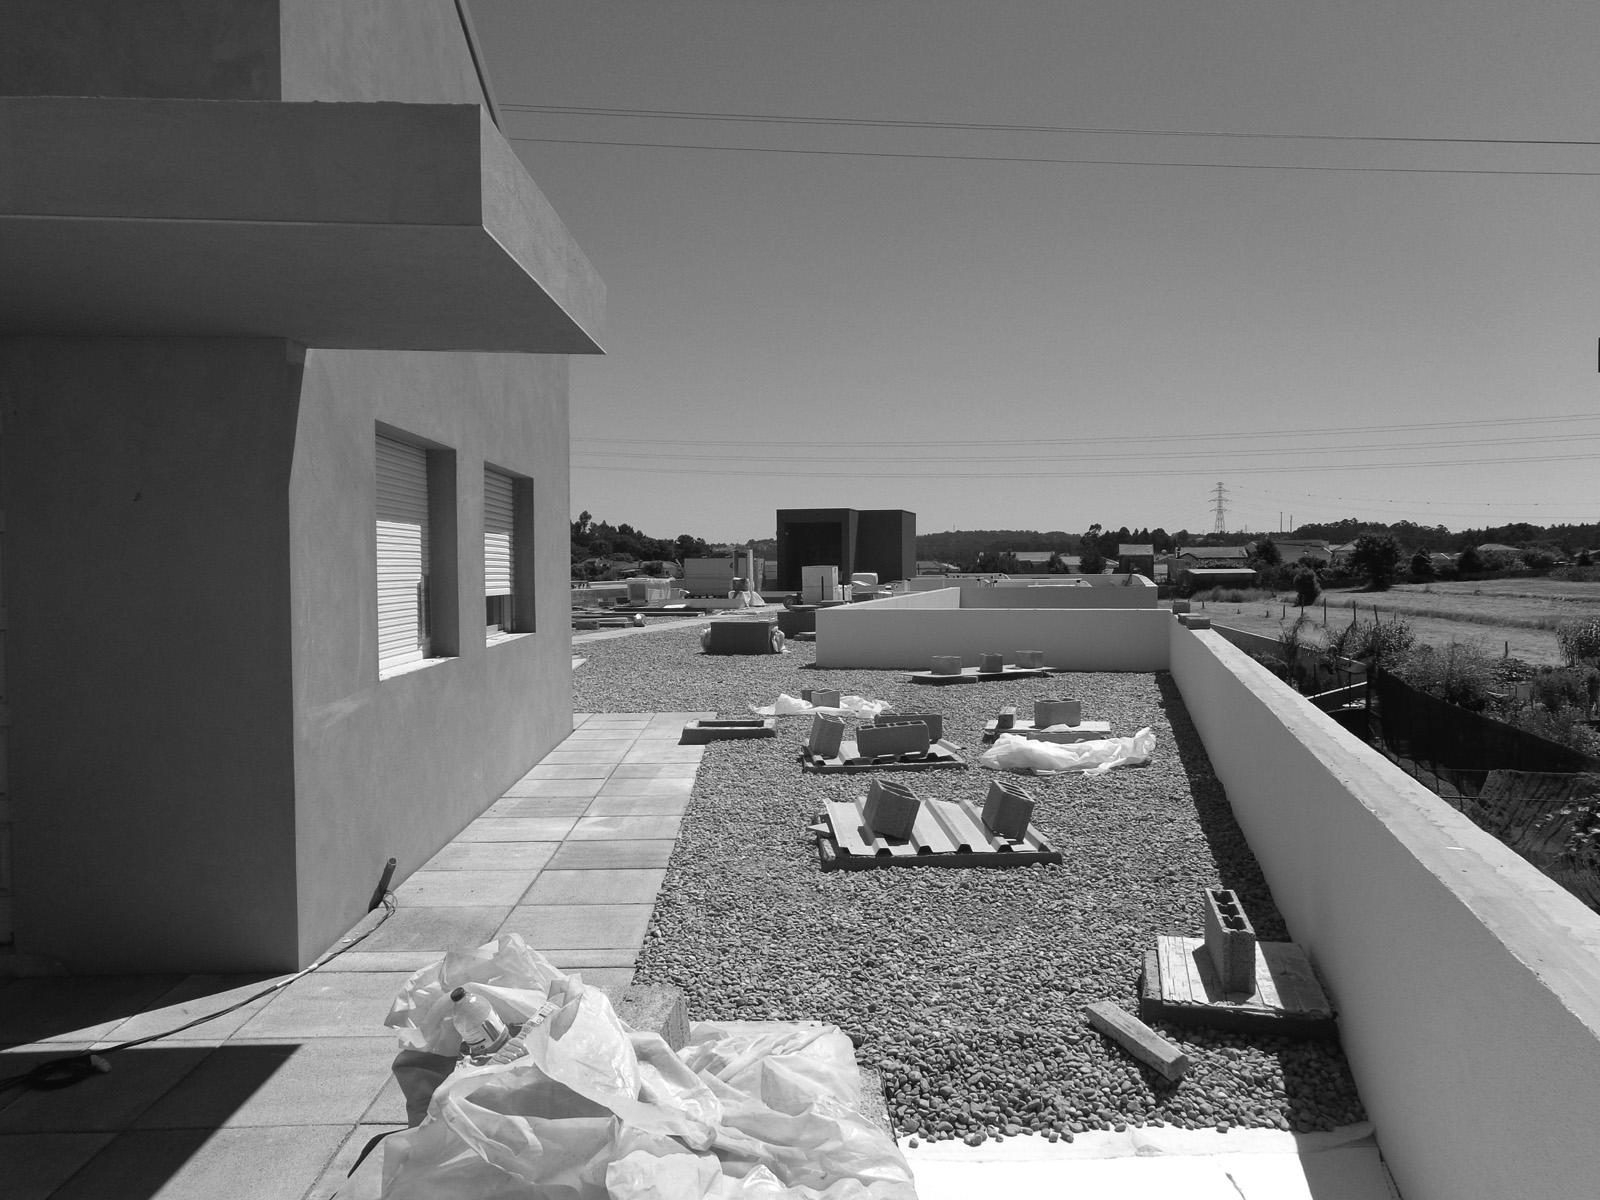 Antero - Construção - Stand - Oficina - BMW - Yamaha - EVA evolutionary architecture - Arquitectos Porto (5).jpg